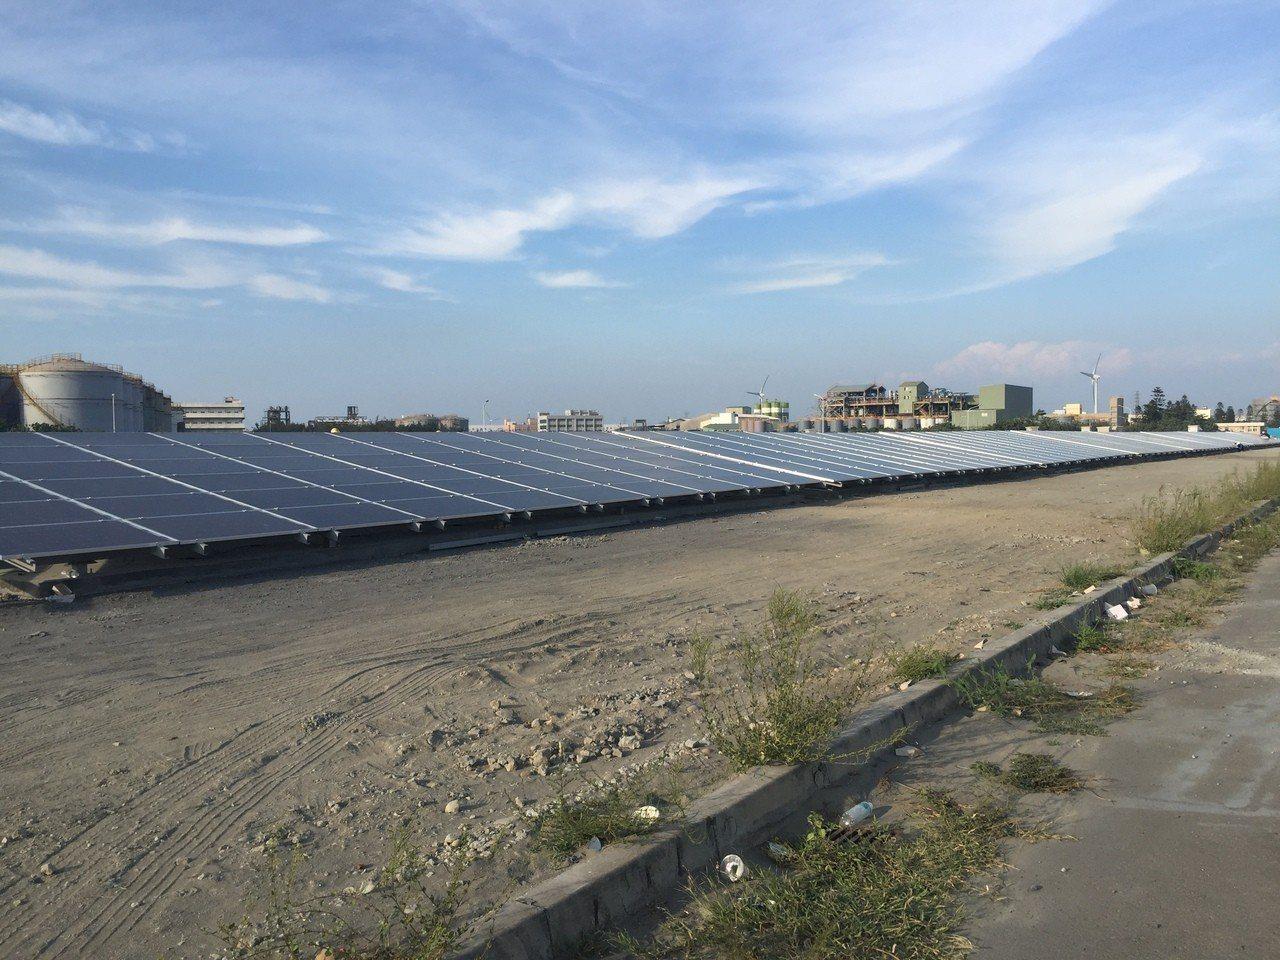 台泥子公司台泥綠能6日宣布,位於彰濱工業區的太陽光電廠二期正式啟動,預計2019...